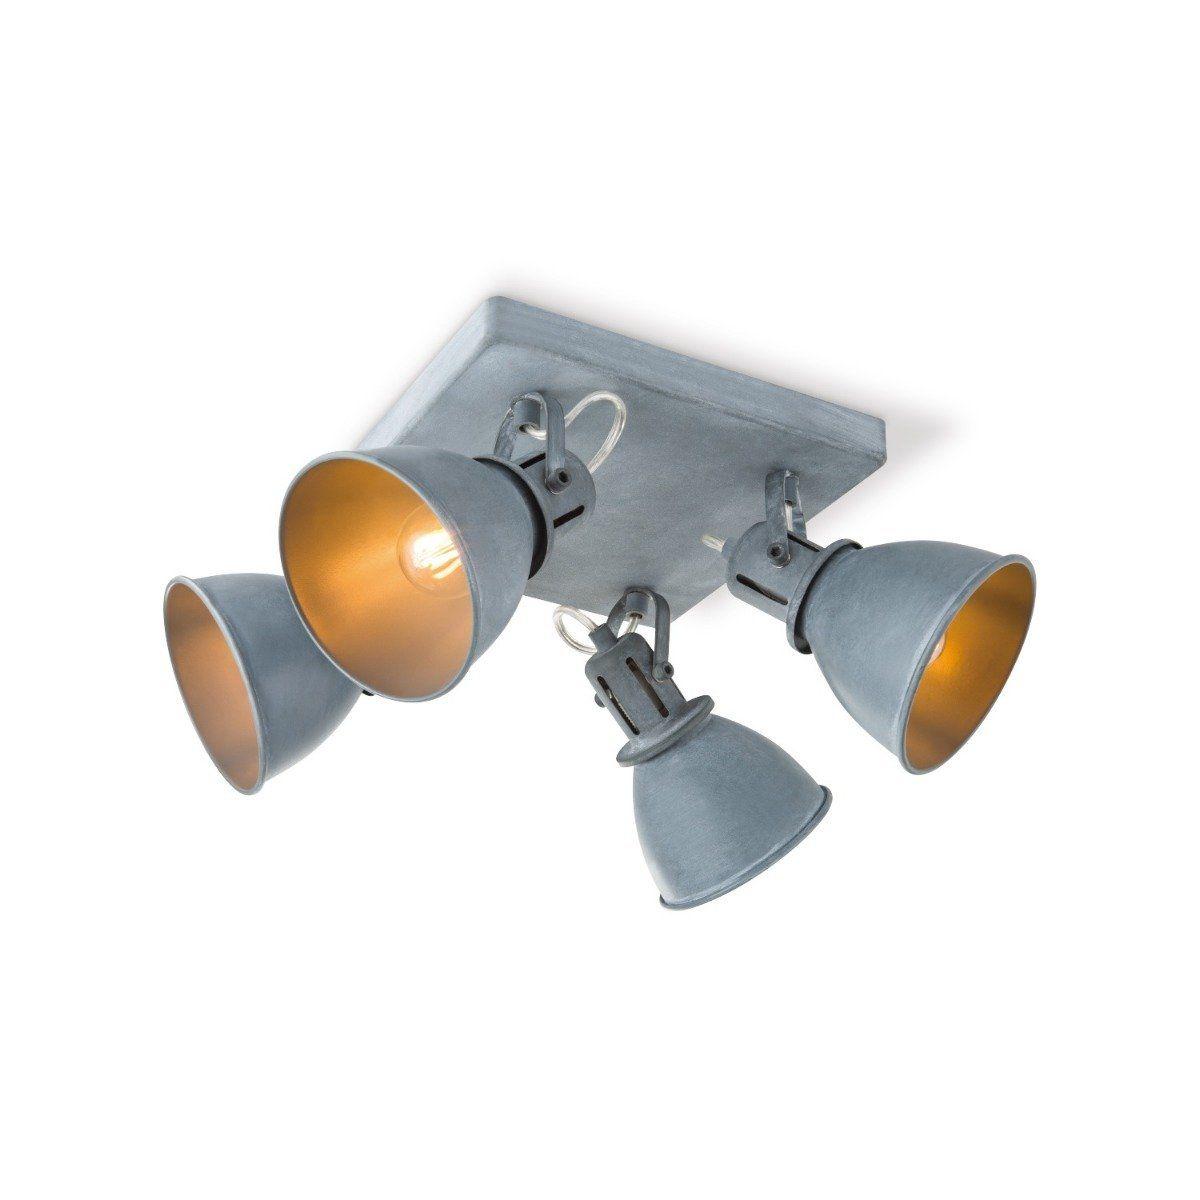 Home sweet home LED opbouwspot Fama 4 lichts Ø 23 cm - grijs betonlook